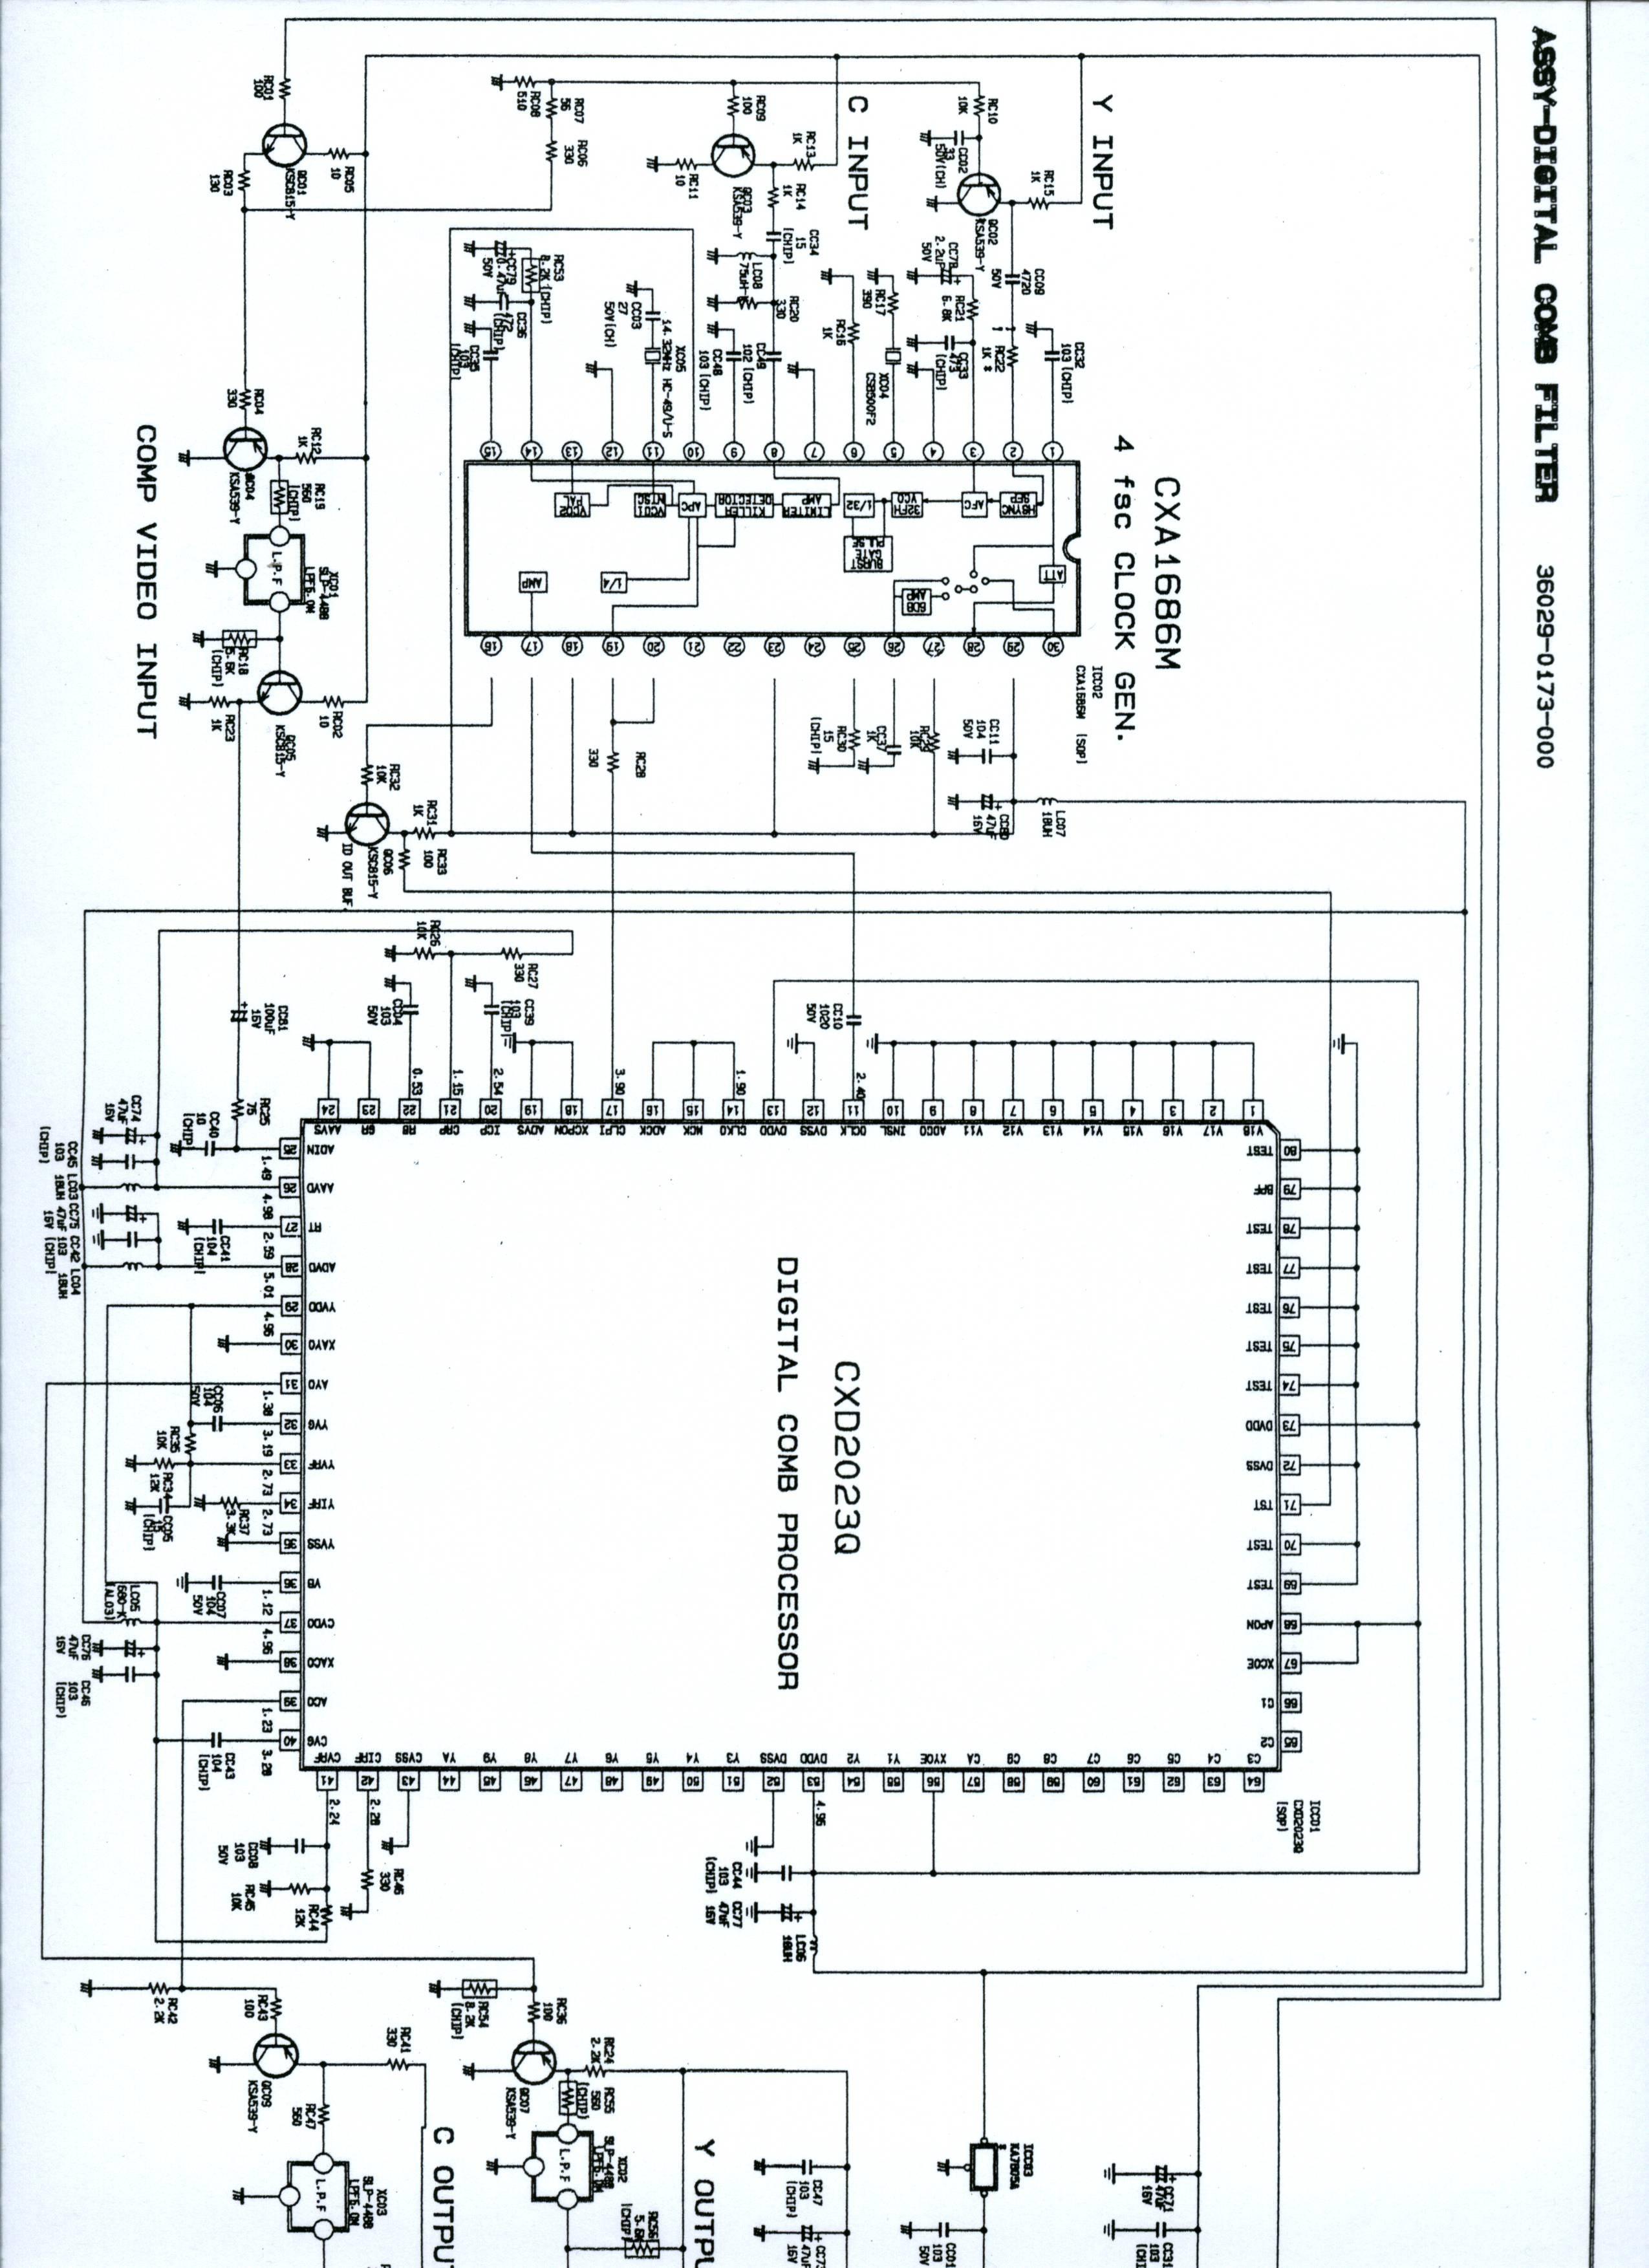 SAMSUNG Samsung CN7266BP K56KA1 K56XQH samsung cn 7266bp